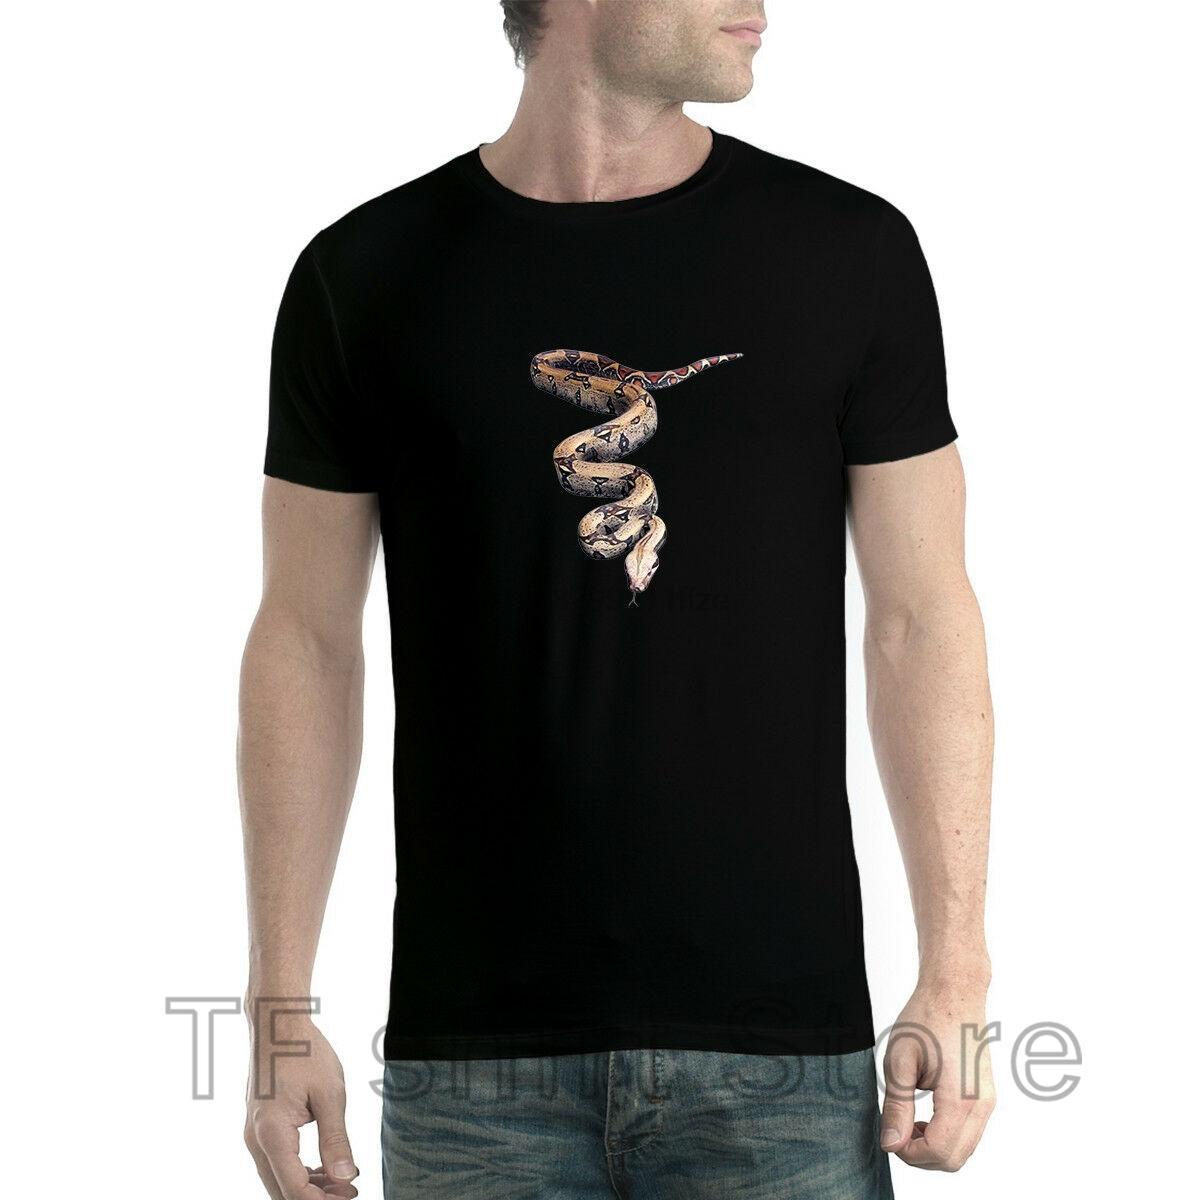 Drôle Imprimer Homme T shirt Femme refroidissent tshirt Python Serpent Animaux 3D T-shirt XS-5XL